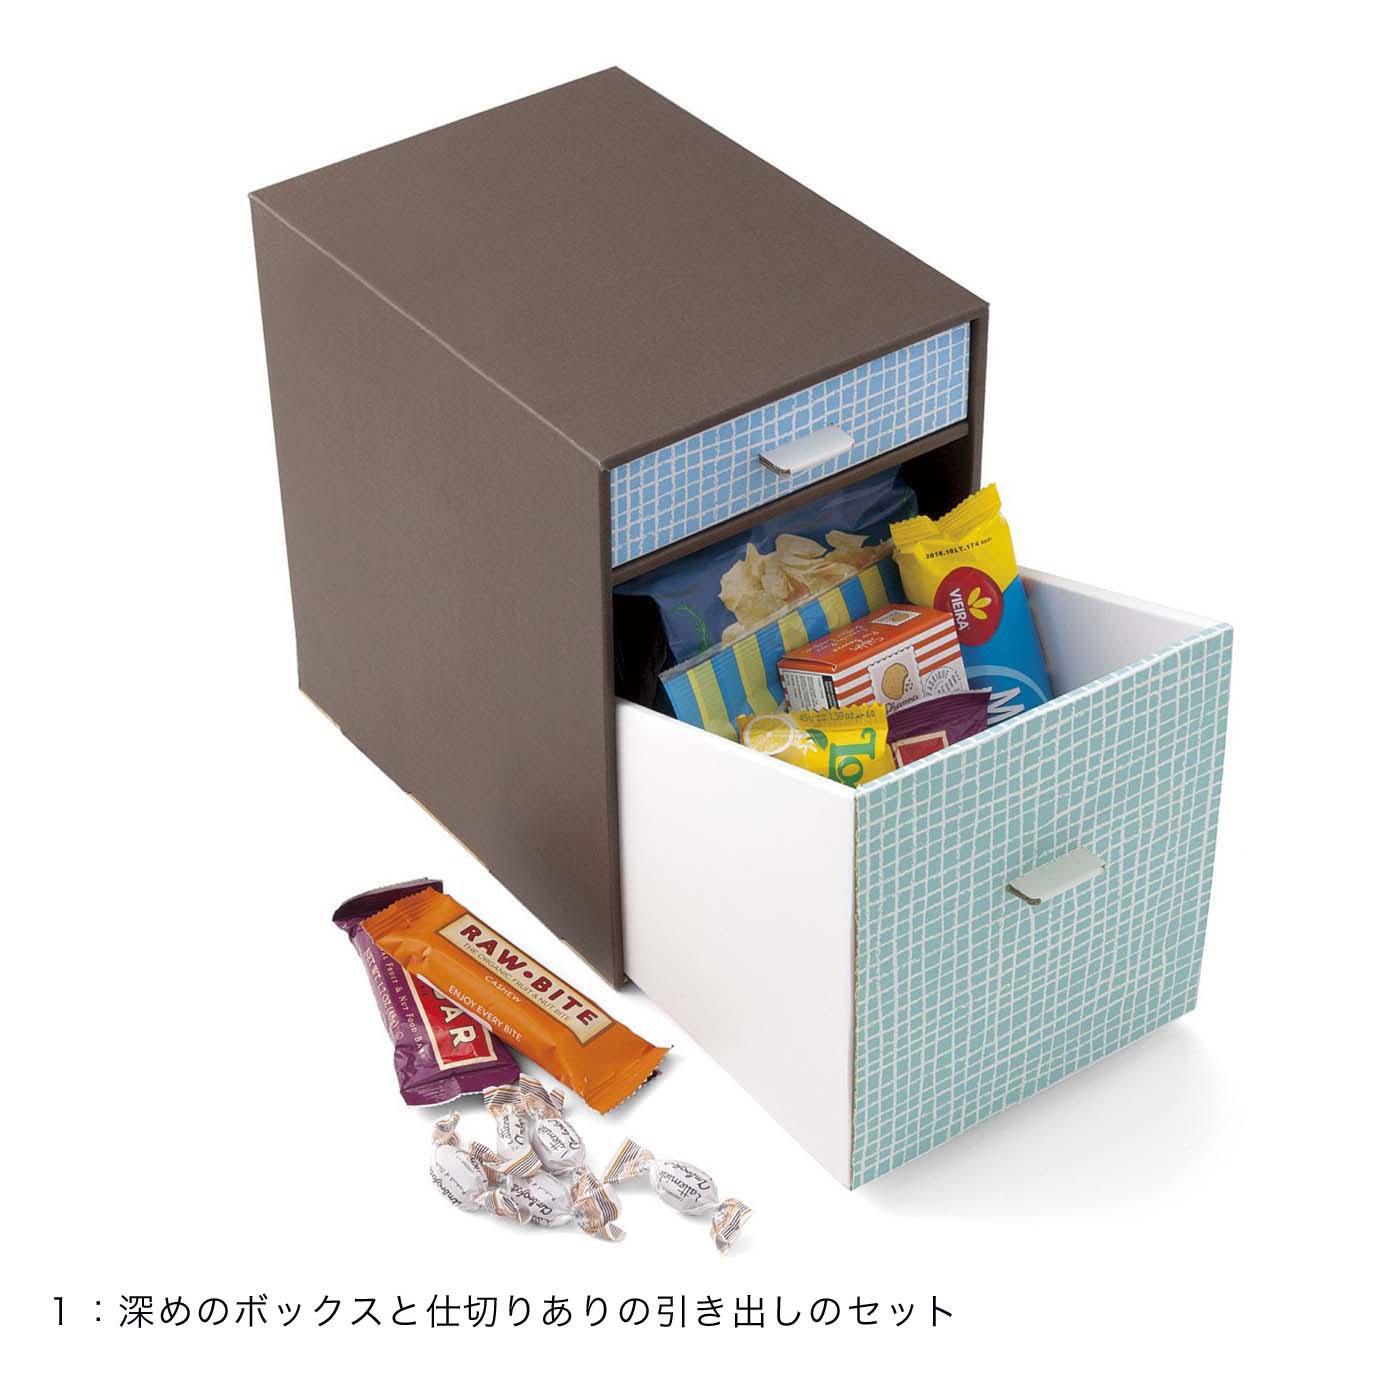 袋入りのお菓子などの収納に。深めボックスと仕切りのある引き出しのセット。